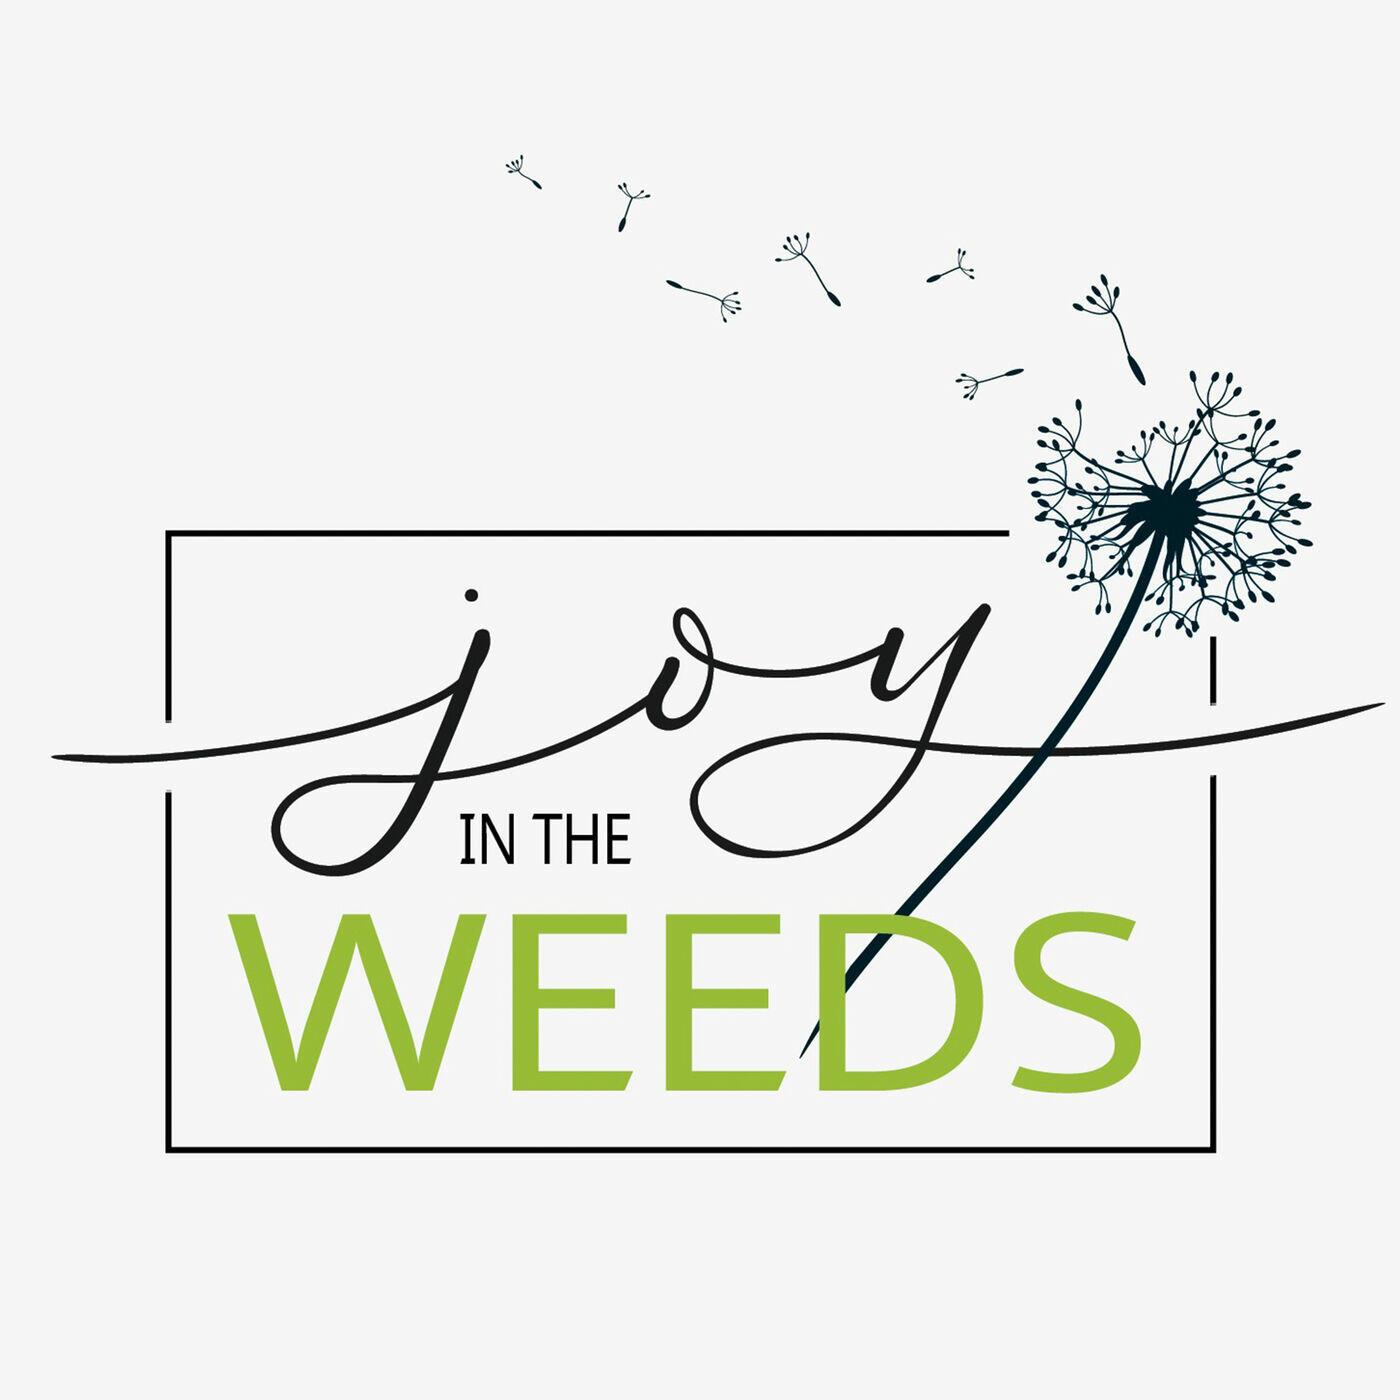 Joy in the Weeds